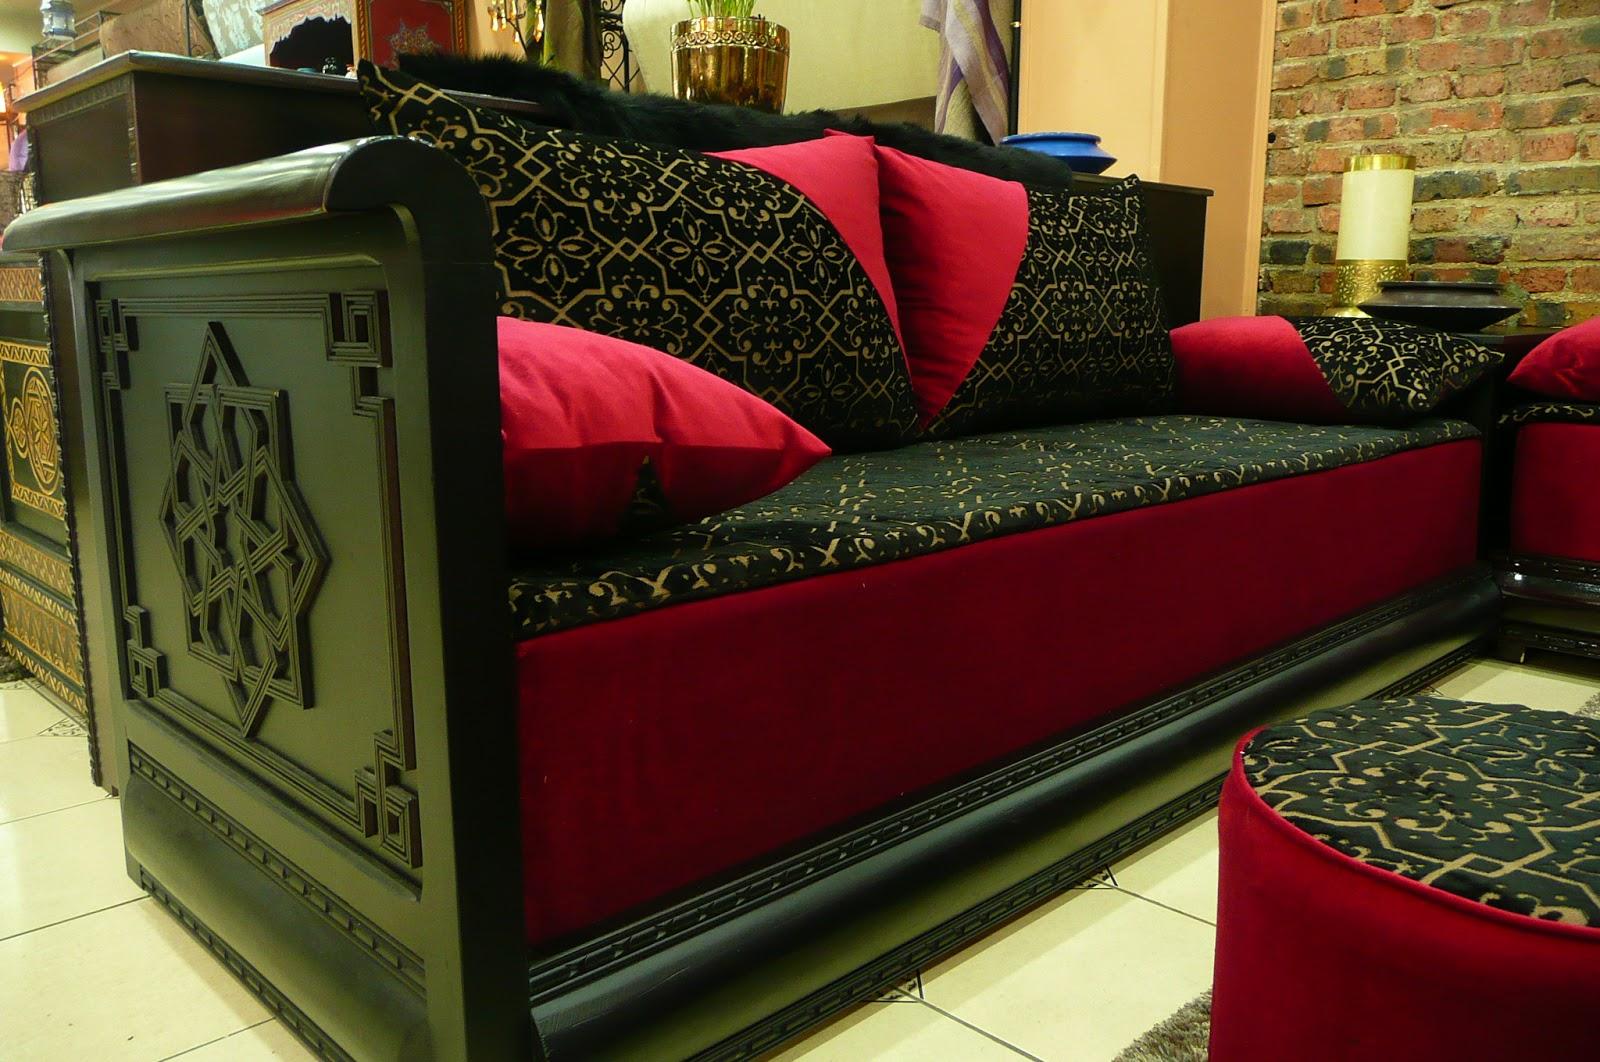 salon marocain pascher: Agréable décorationmarocaine en bois  on bar en bois, spas en bois, construction en bois, tours en bois,